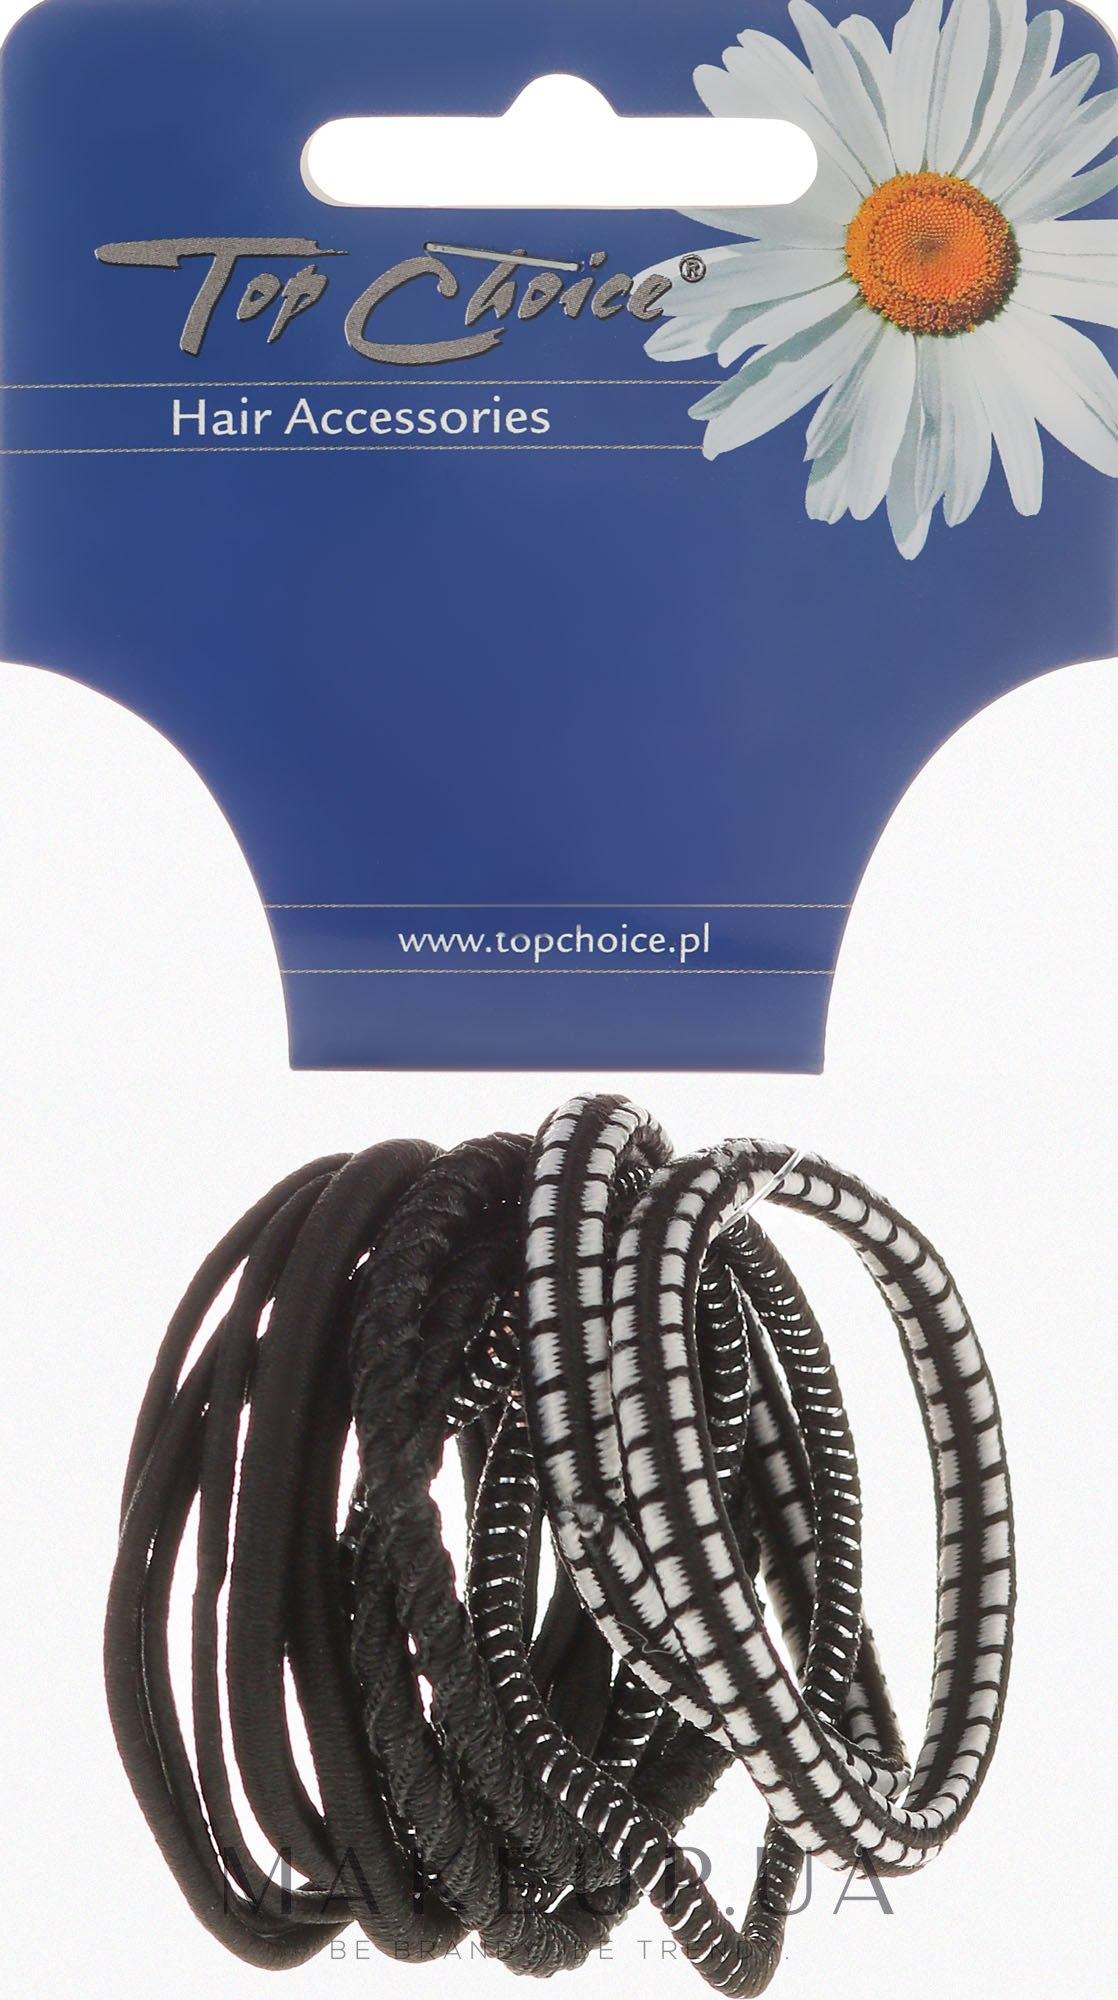 Резинки для волос 12шт, черный+серебристый, 22340 - Top Choice — фото 12шт